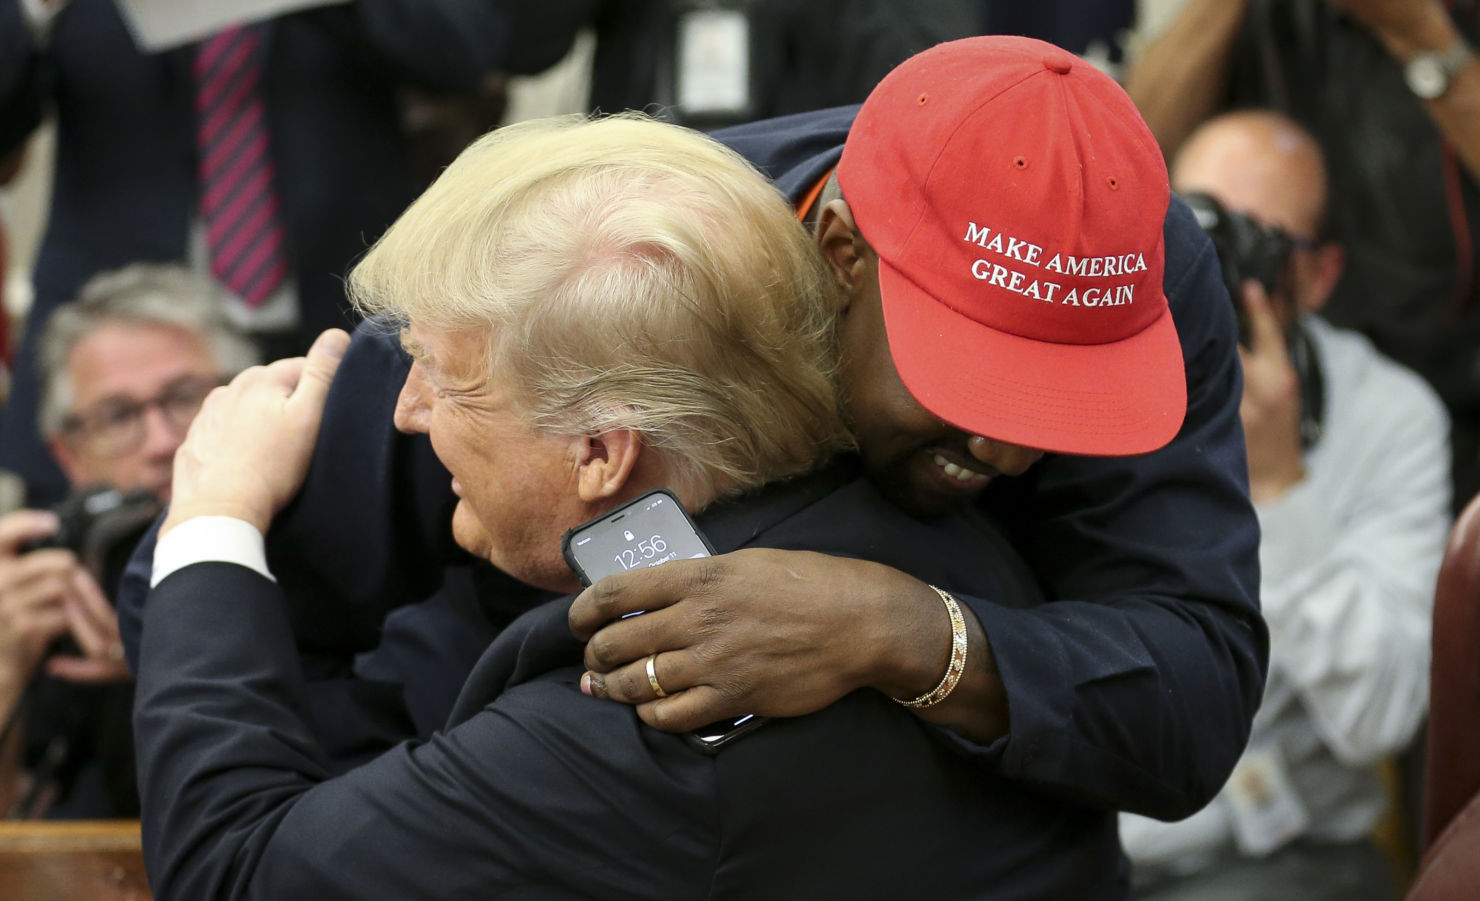 ¿Por qué Kanye West quiere ser presidente de Estados Unidos?